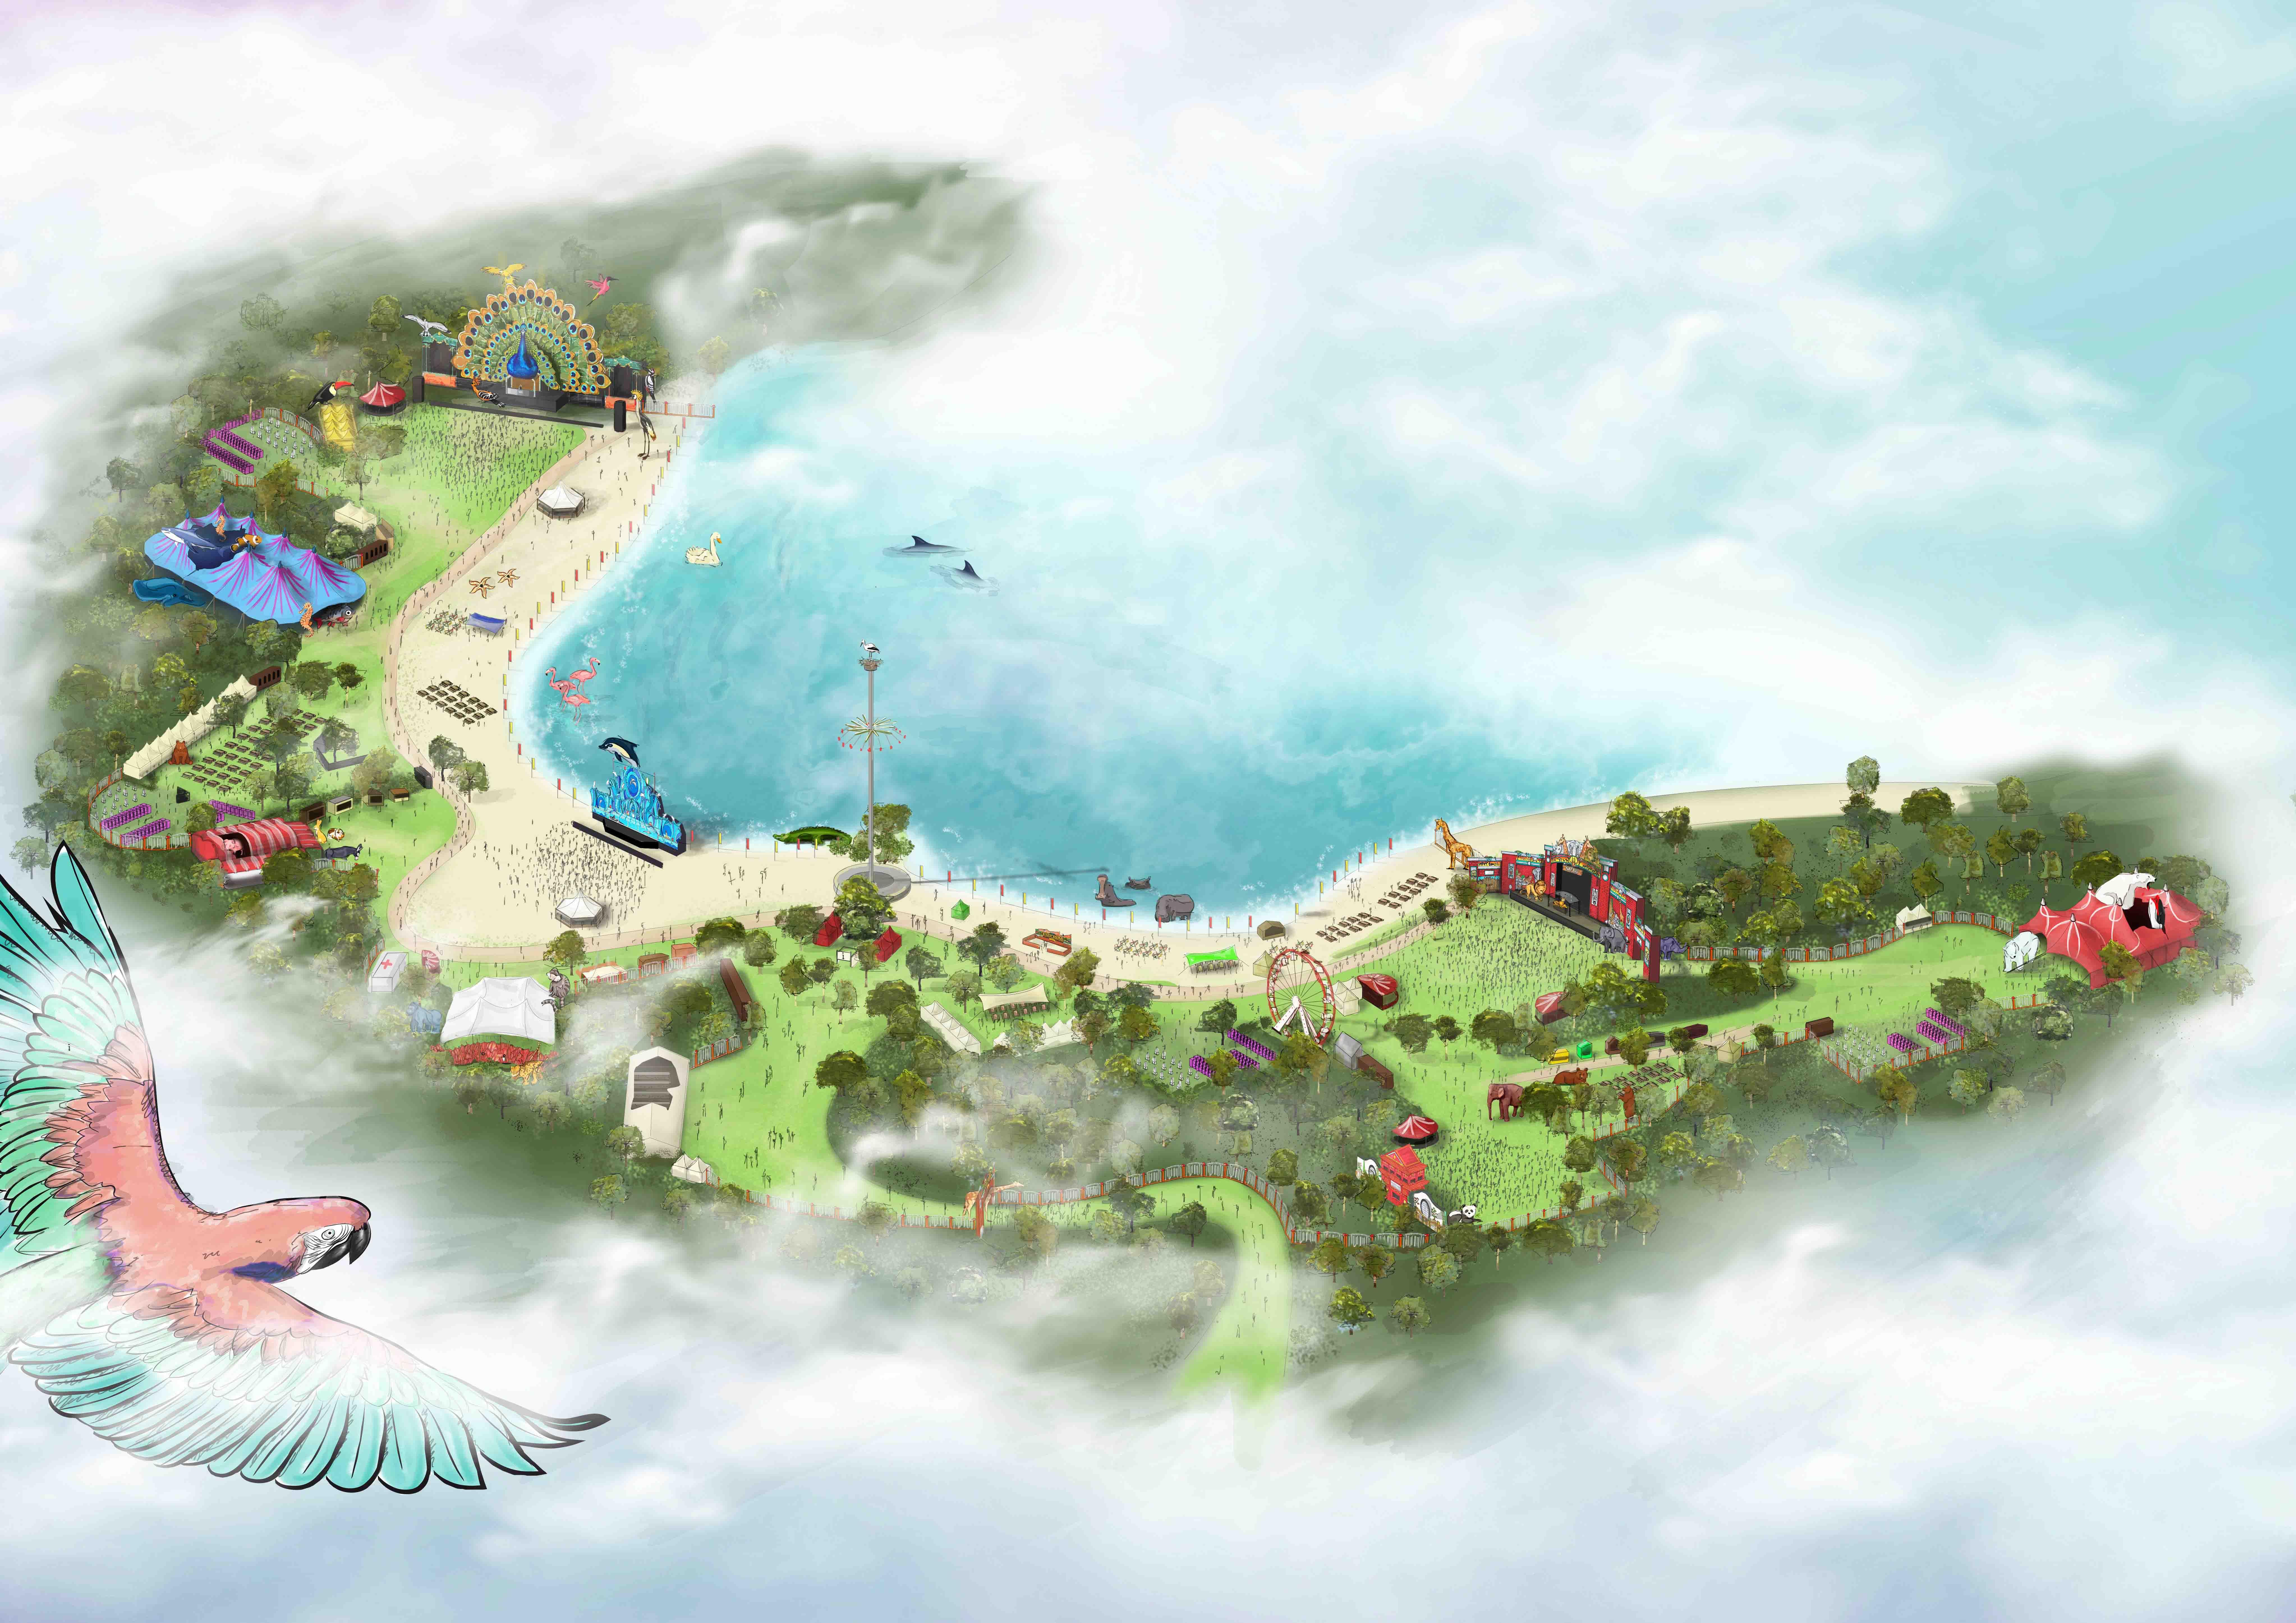 Festival map - Emporium the zoo 2019